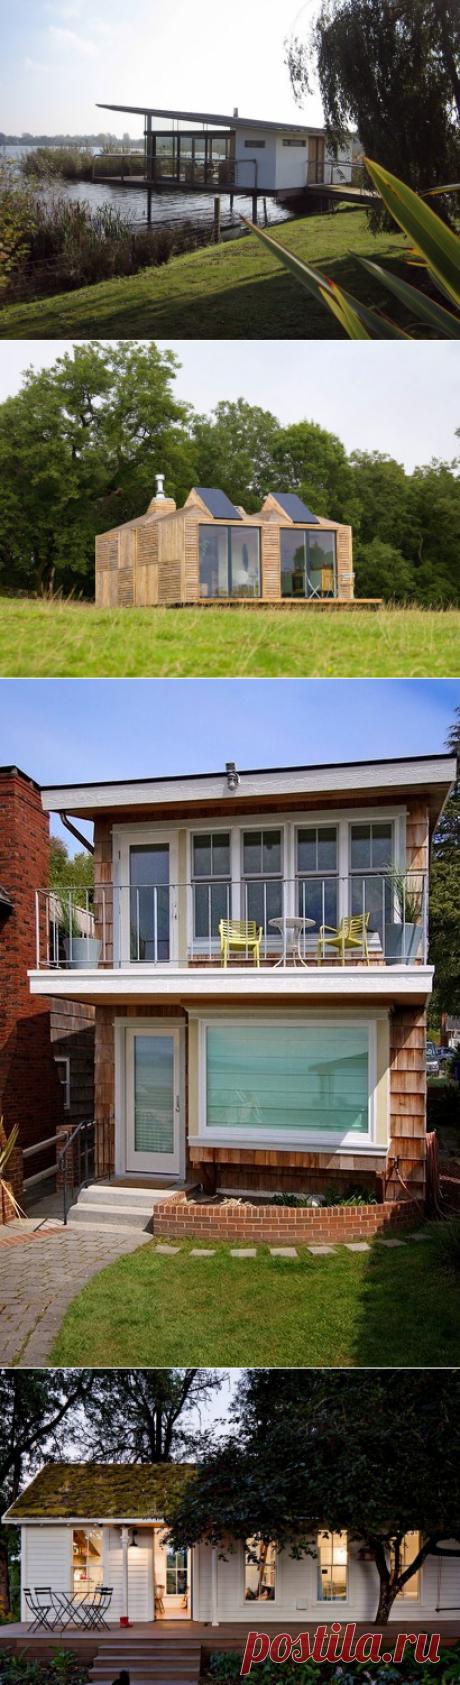 Небольшие дачные домики: 100 вариантов восхитительного дизайна — Дом и Сад